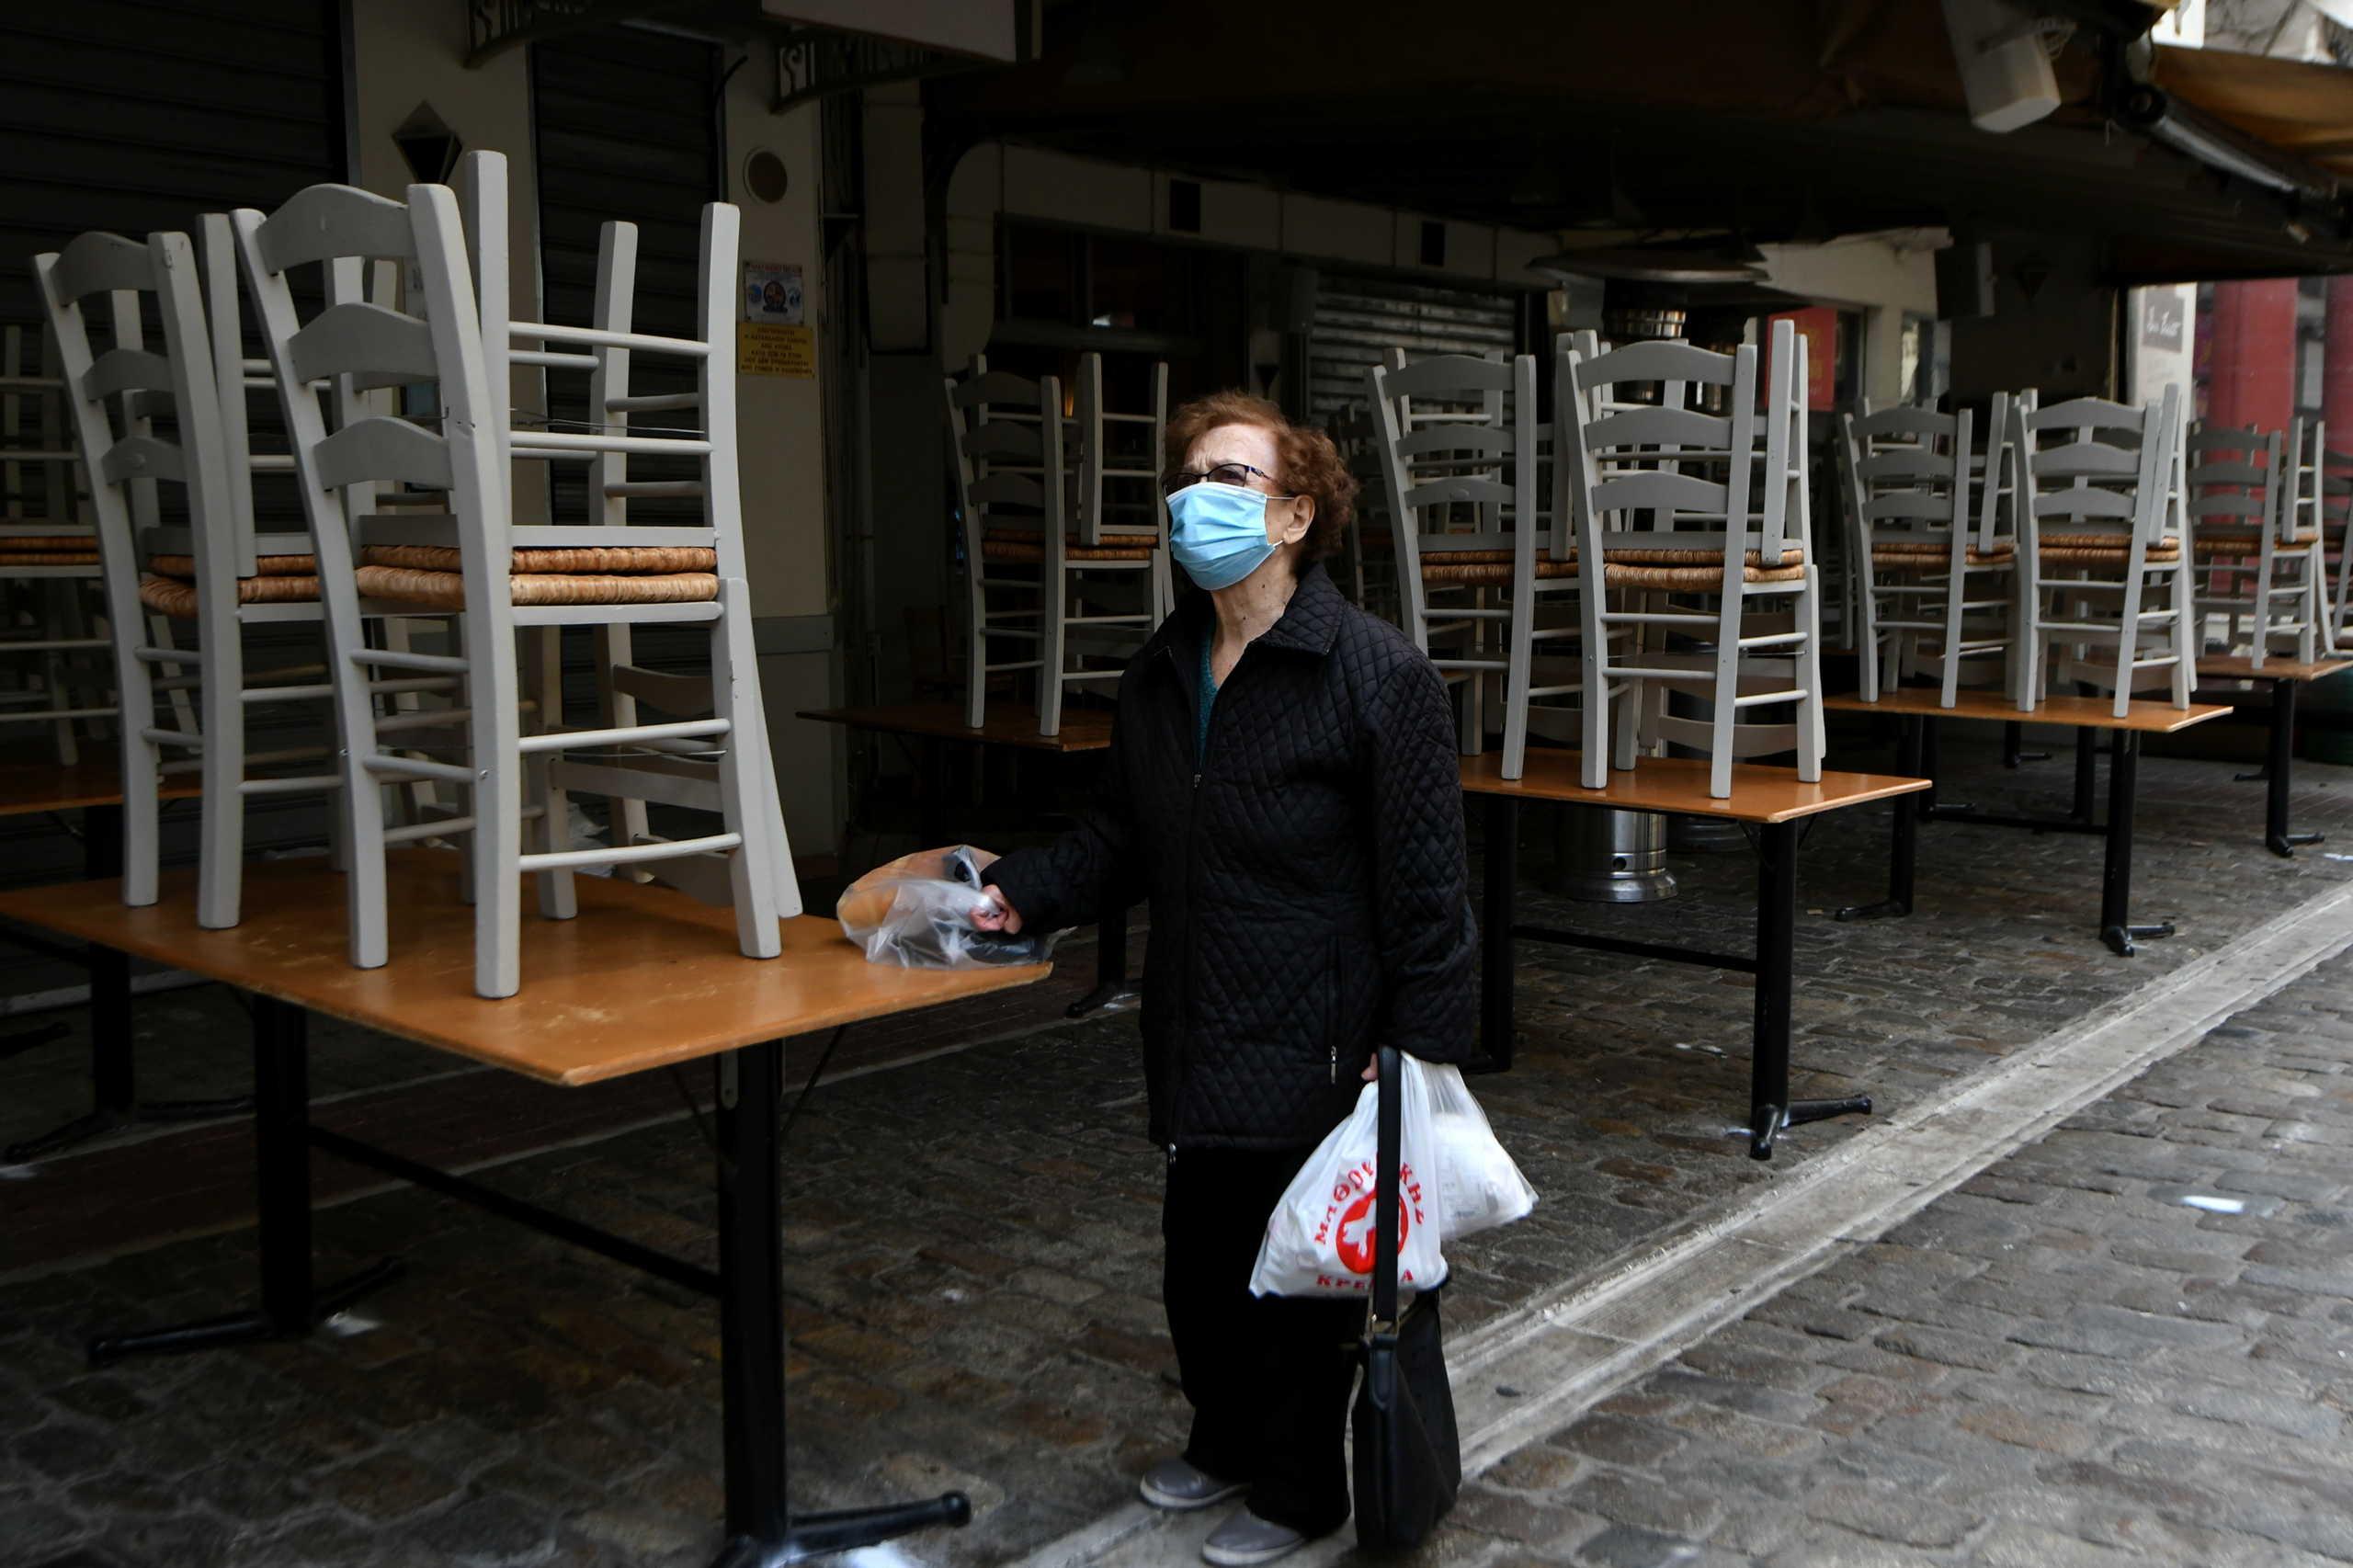 """Κορονο-σοκ από την εκτόξευση των κρουσμάτων στην Ελλάδα – Στο 11% ο δείκτης θετικότητας! """"Πληγή"""" η Θεσσαλονίκη"""